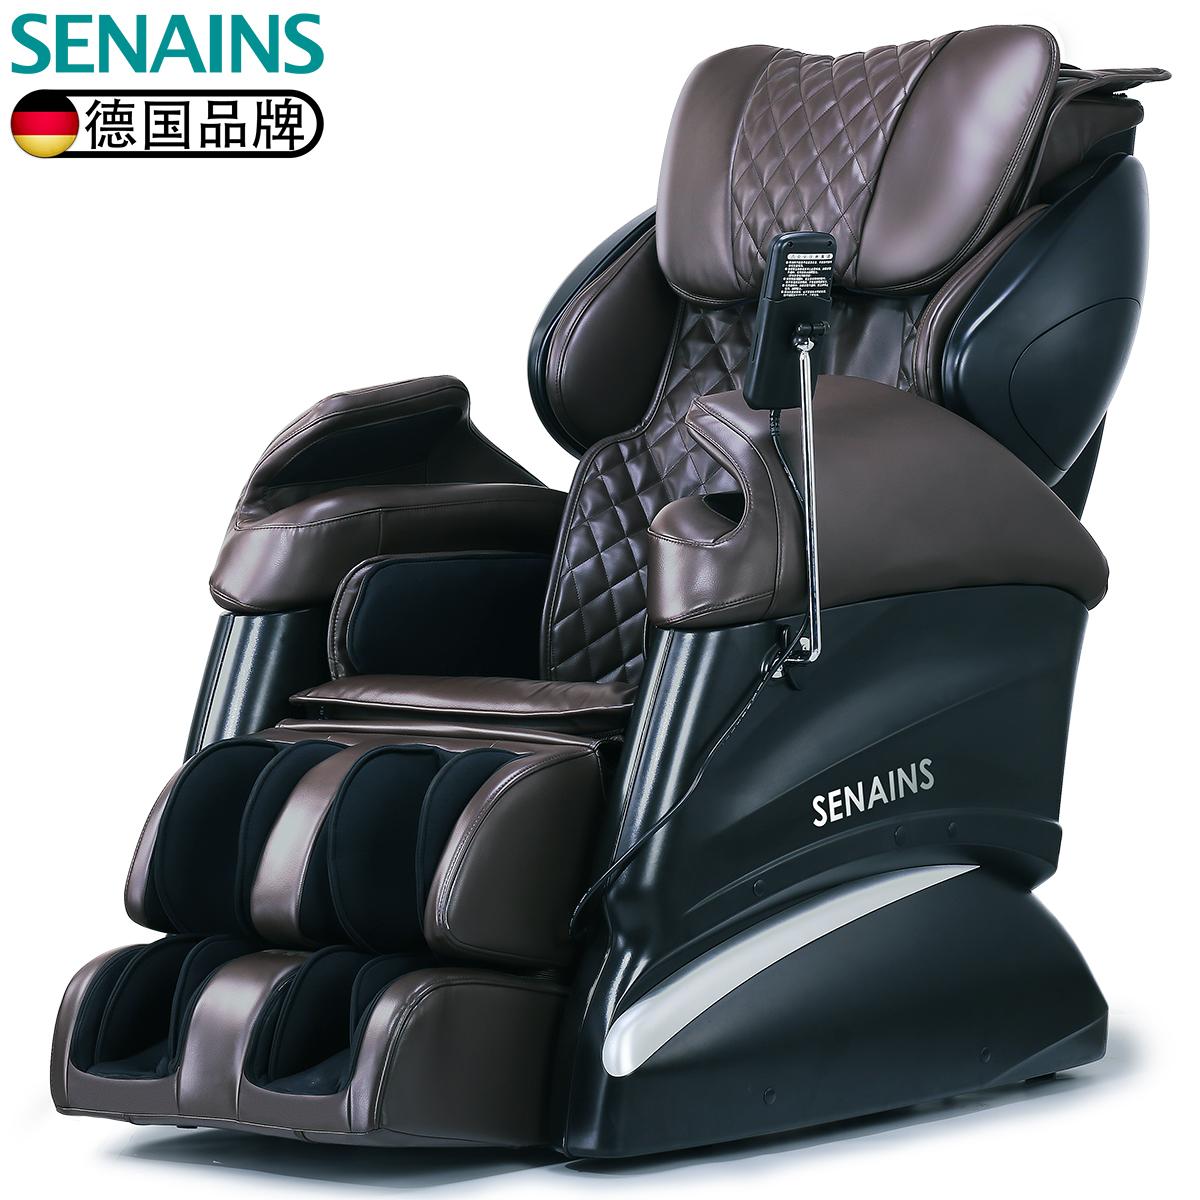 德国SENAINS豪华4D大师按摩椅家用全身全自动多功能太空舱OG1300